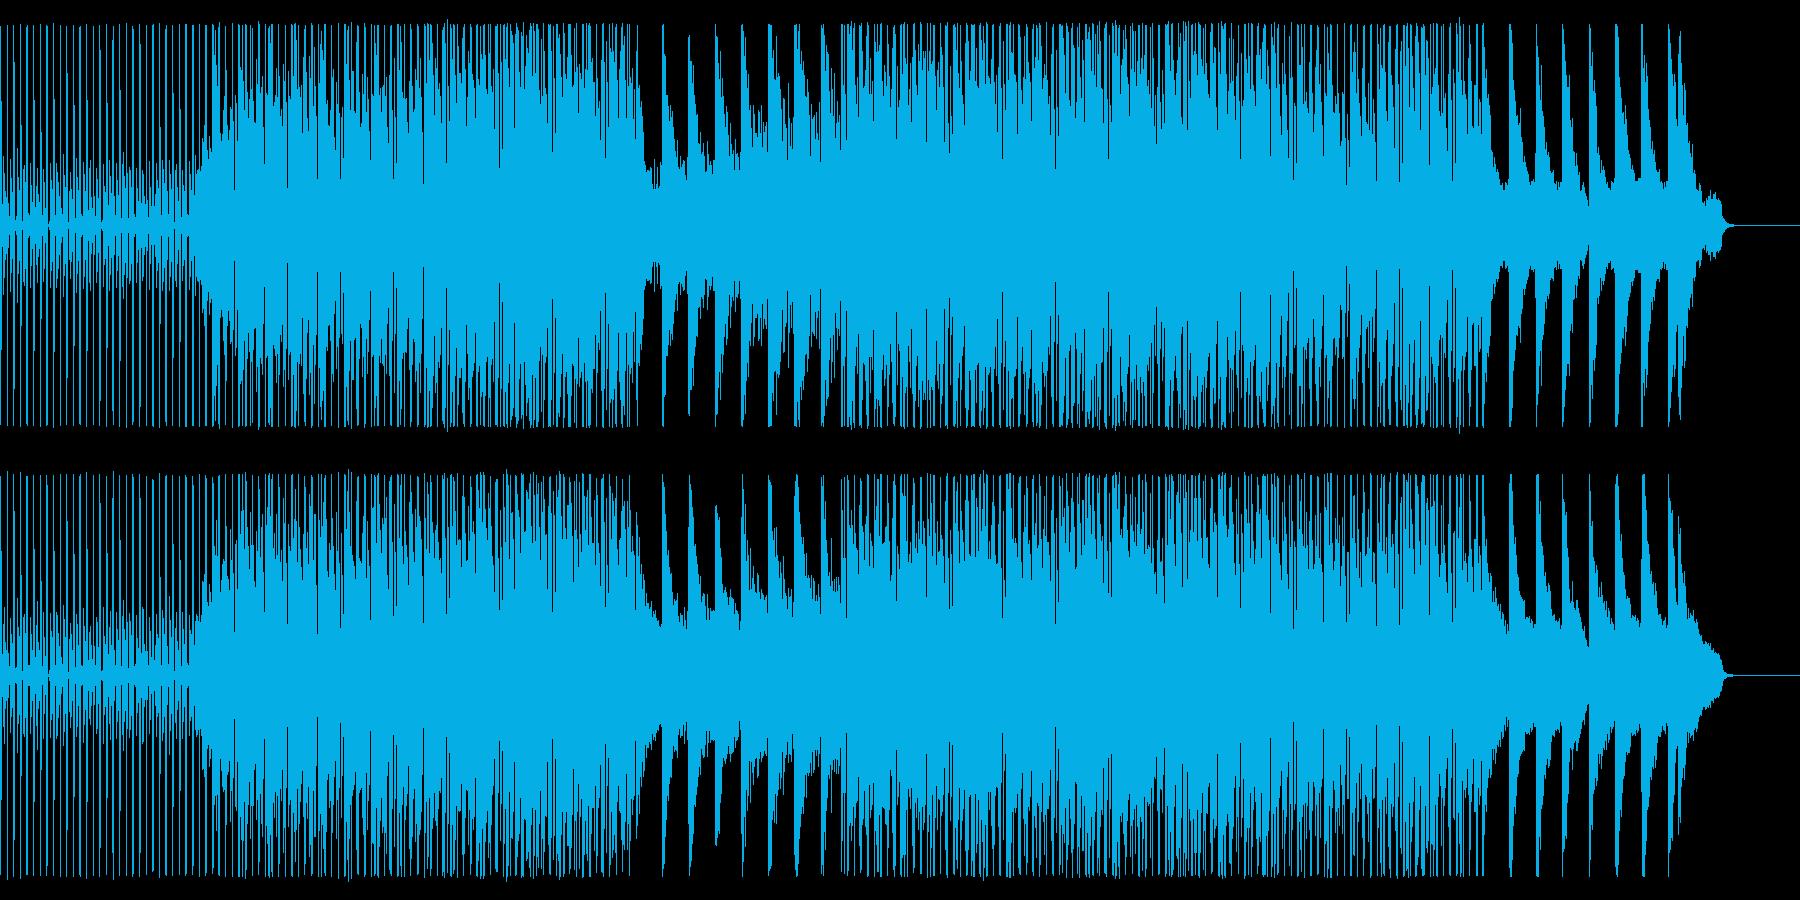 【一撃でクールな印象に】お洒落ハウスの再生済みの波形